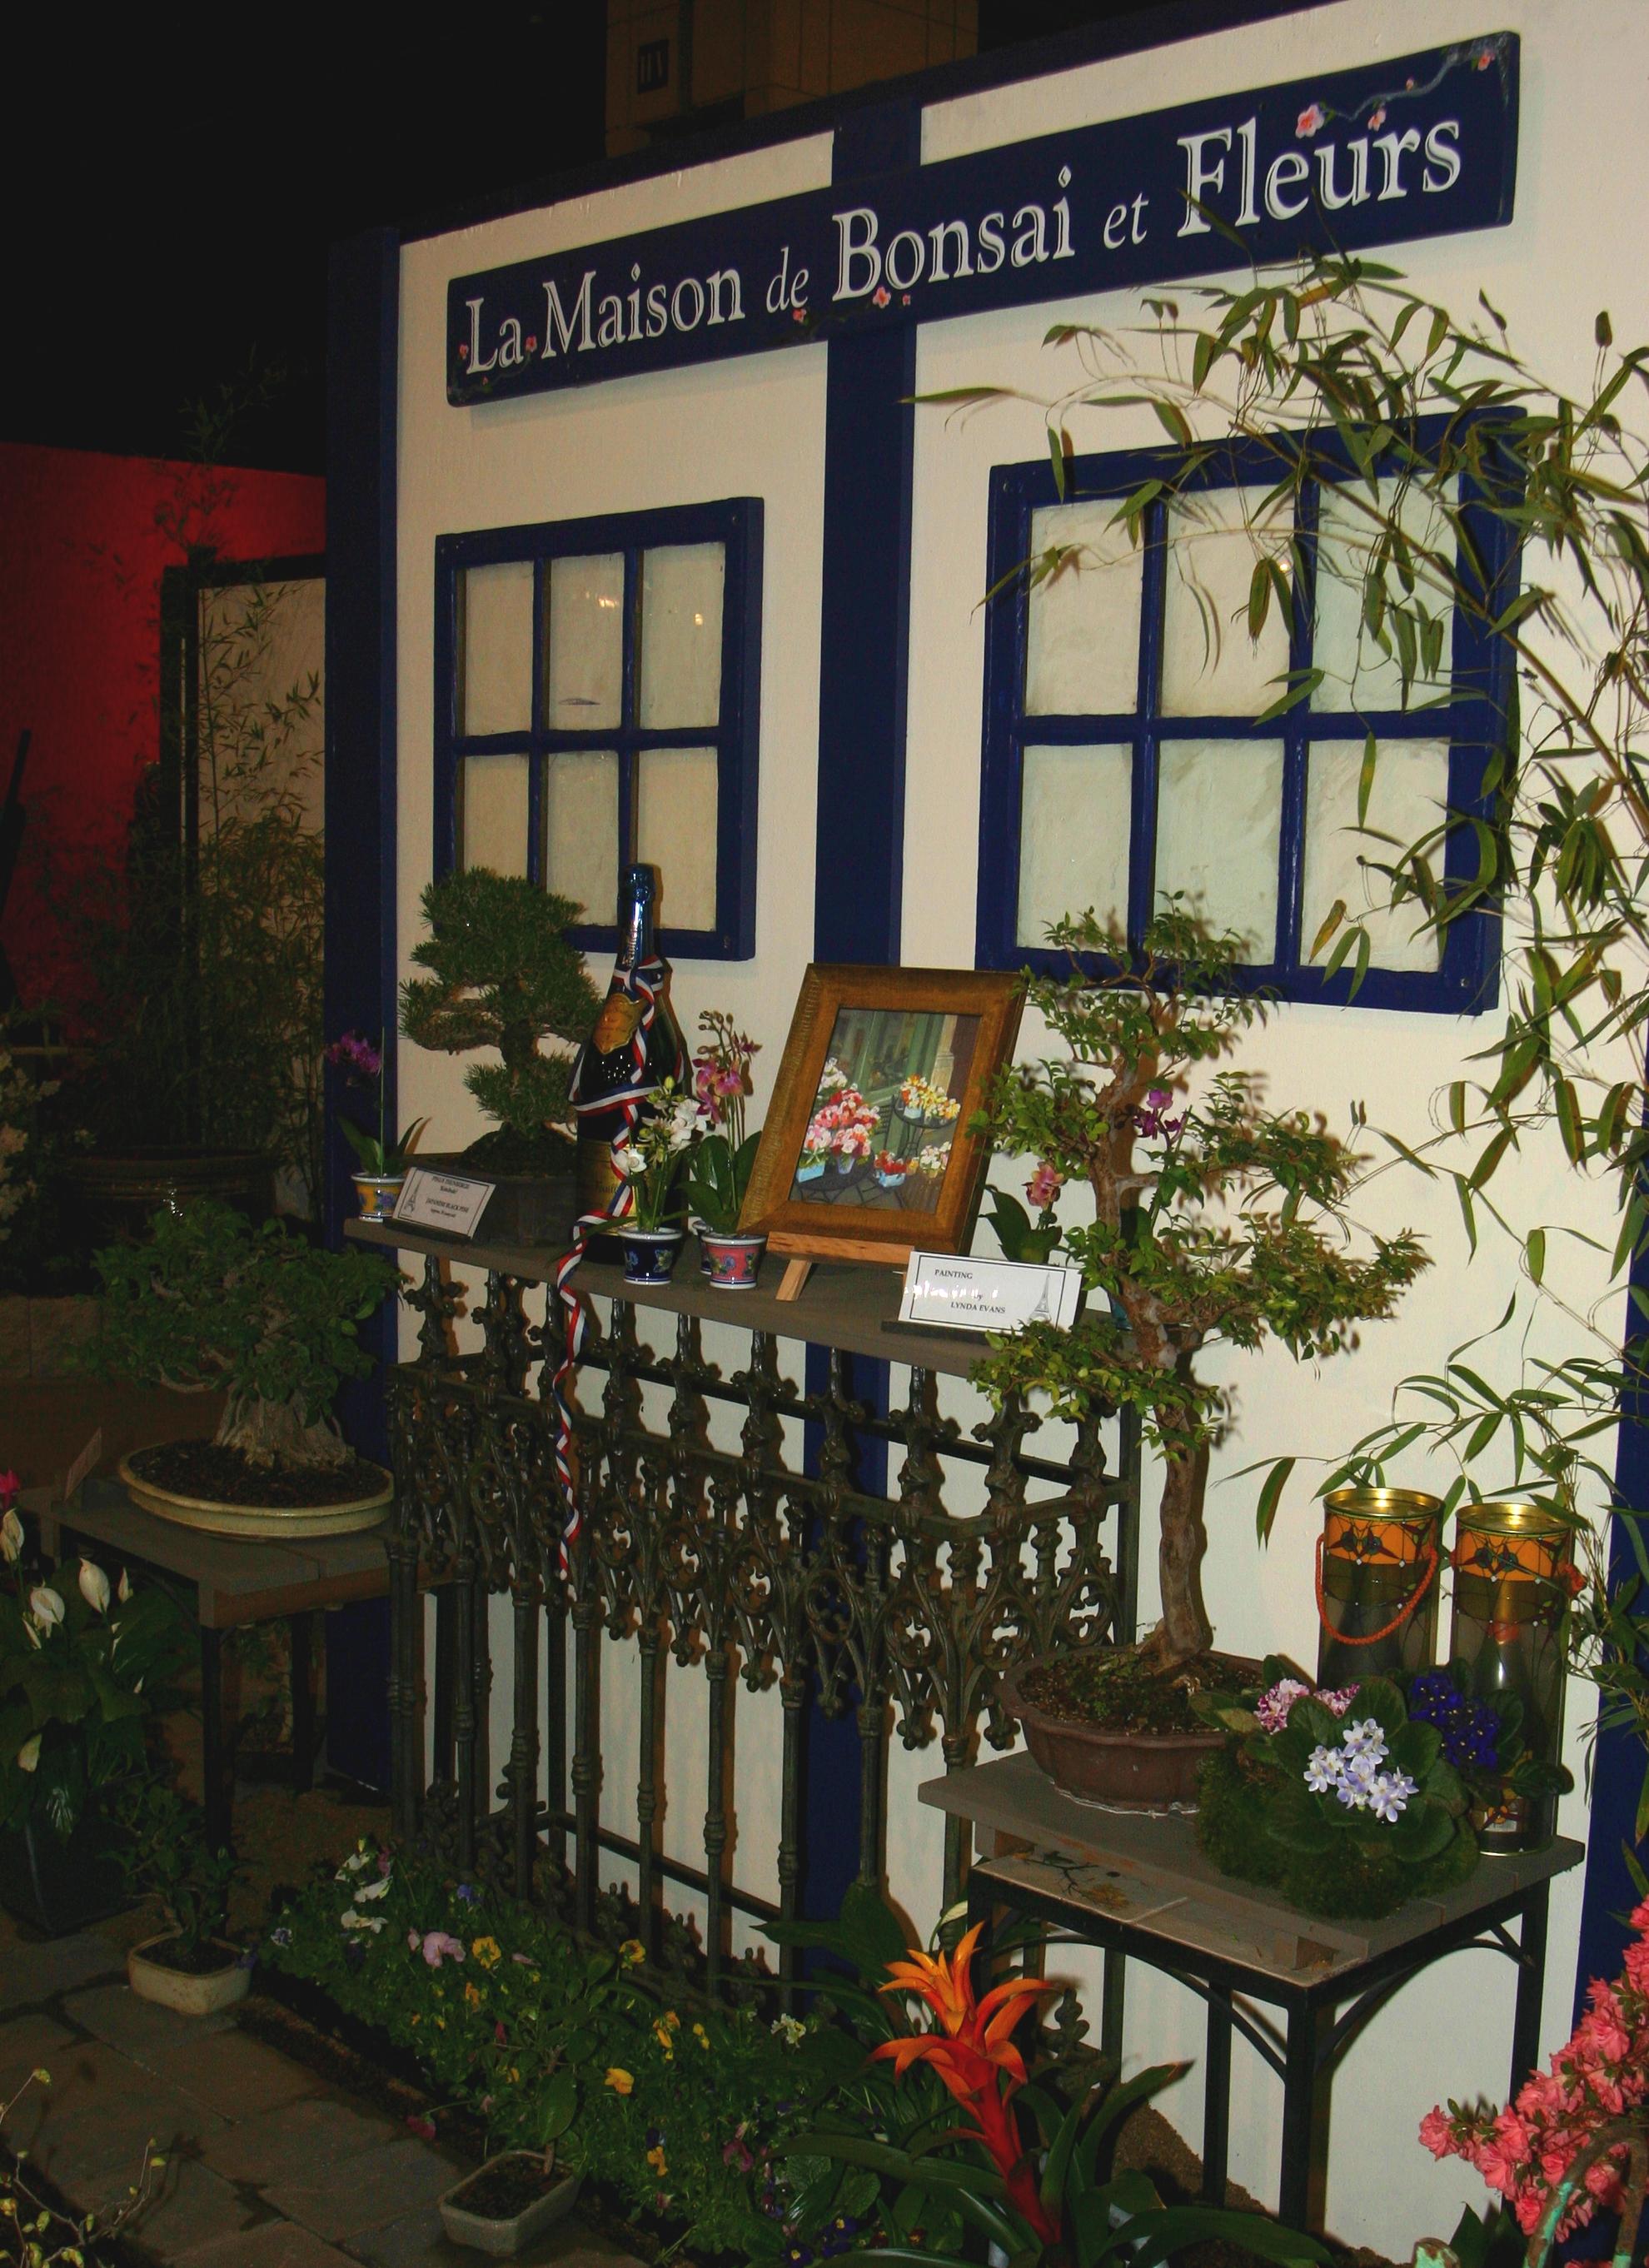 Rosade Bonsai Studio The Philadelphia Flower Show Blog